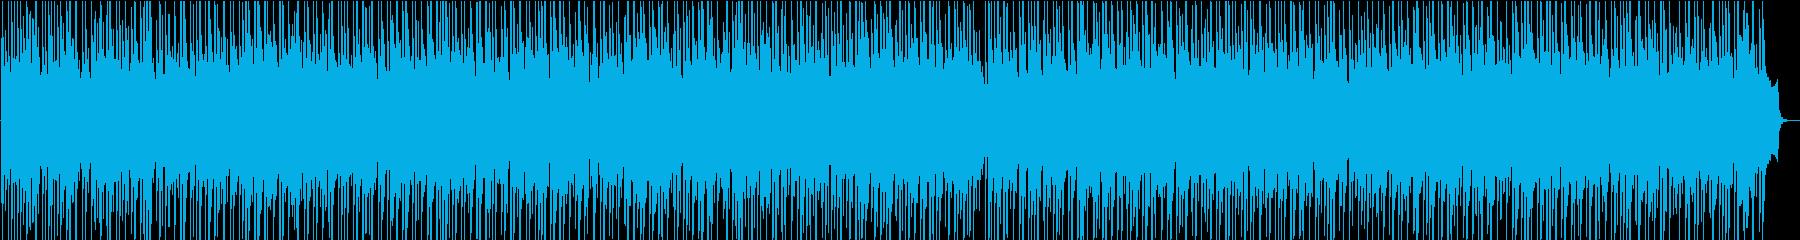 穏やかでハッピーな雰囲気・日常系BGMの再生済みの波形